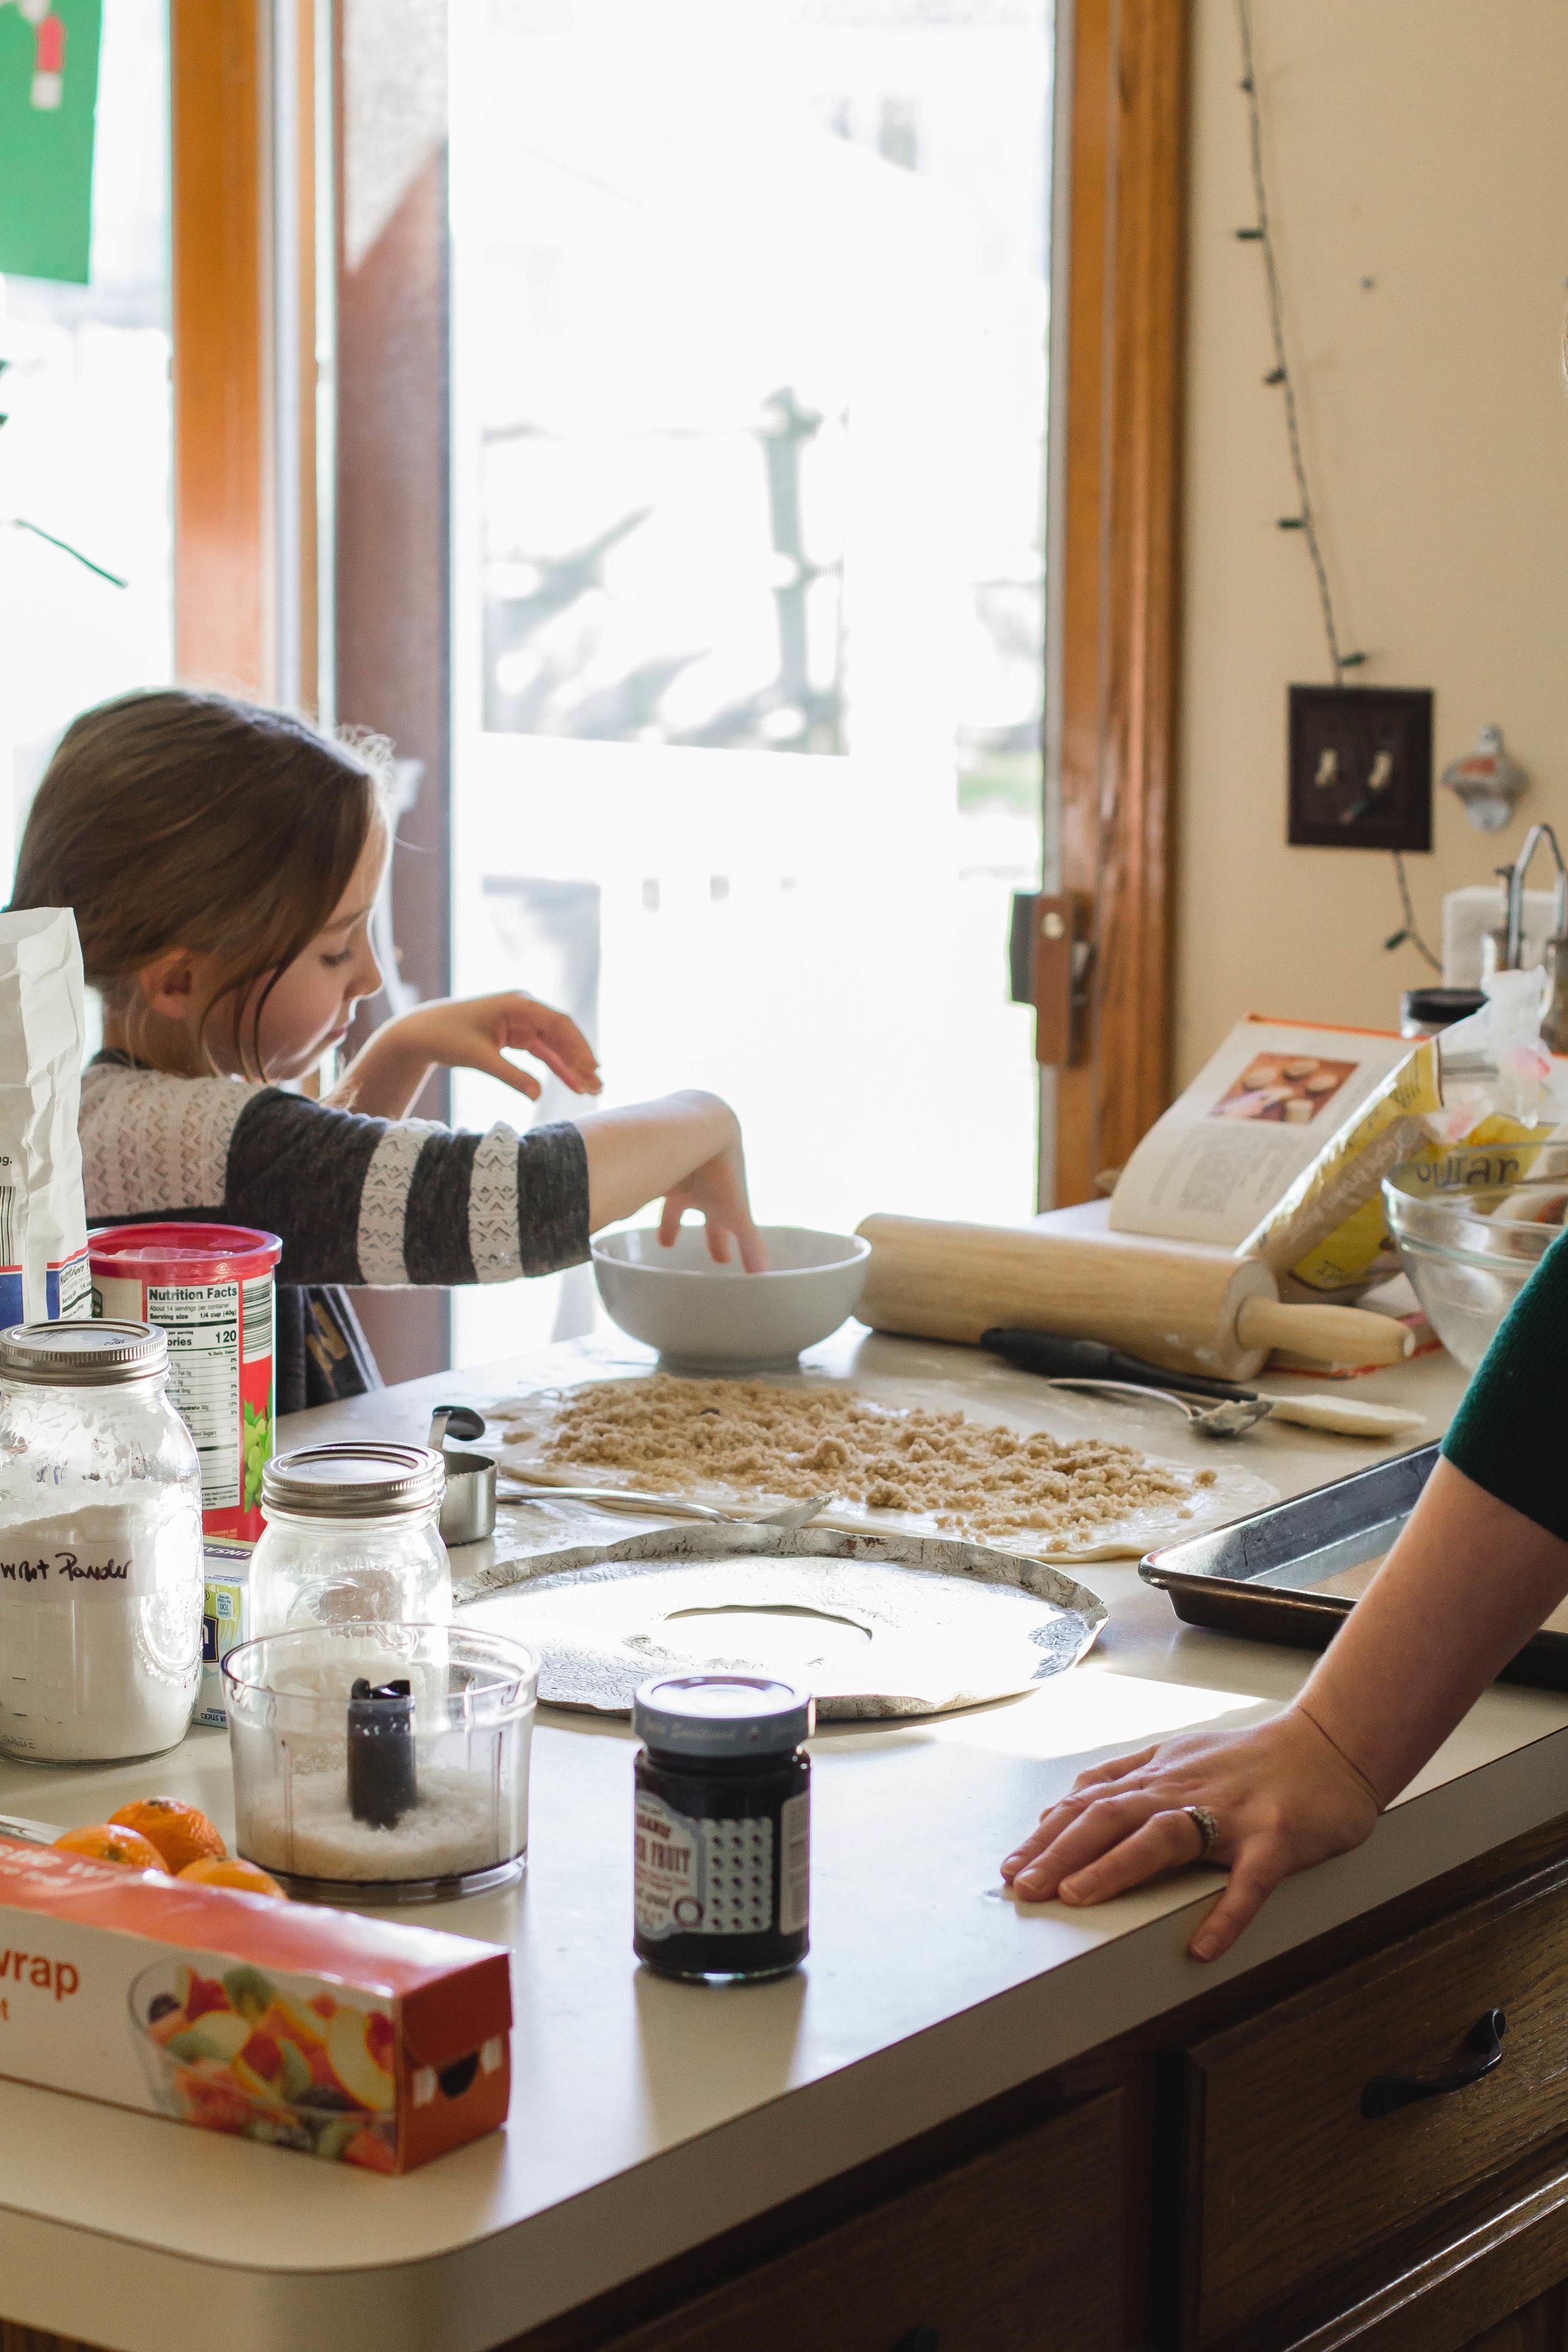 Swedish Tea Ring - Girls' Baking Day | Sarah J. Hauser-2.jpg